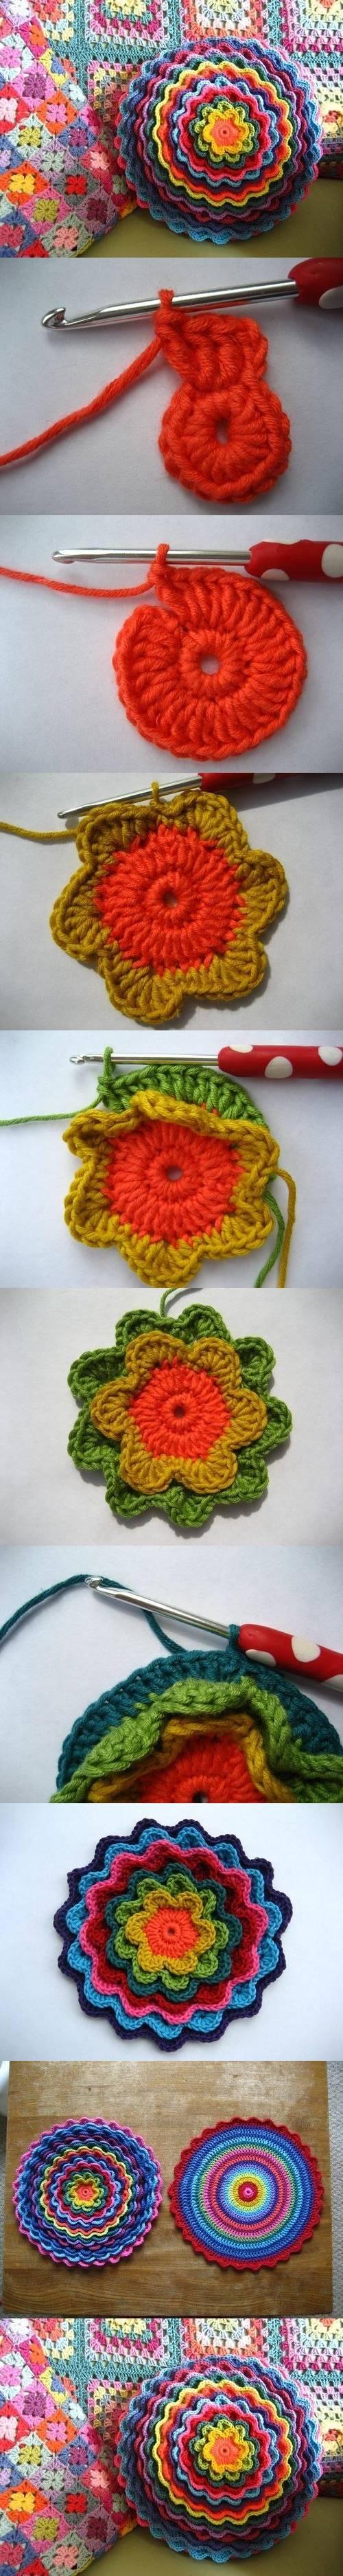 DIY-Crochet-Flower-1